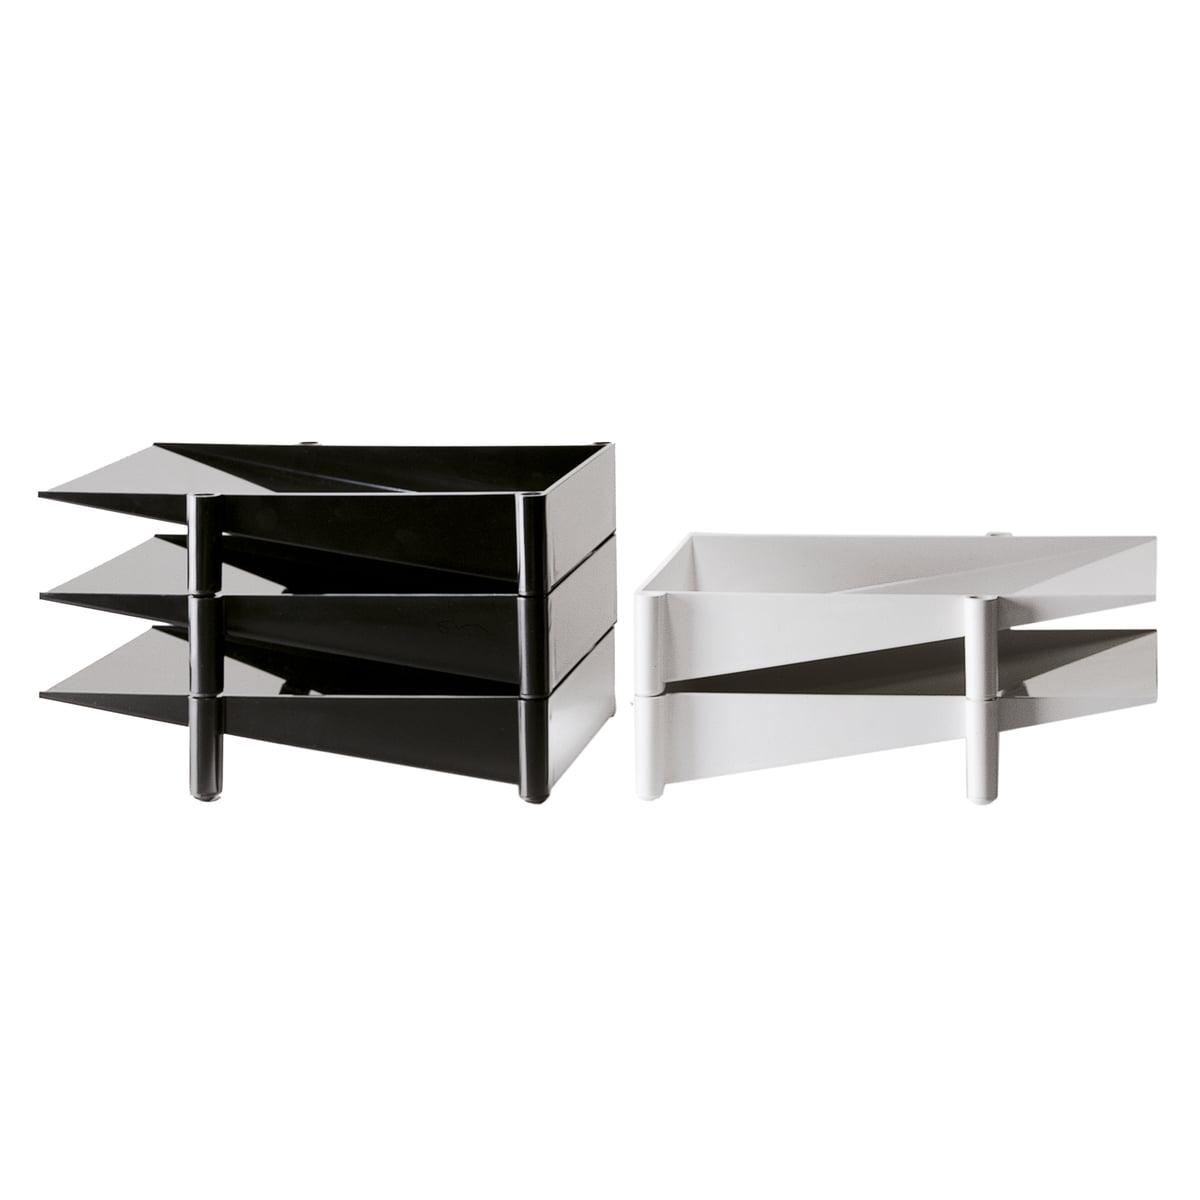 danese milano sumatra schreibtischablage. Black Bedroom Furniture Sets. Home Design Ideas